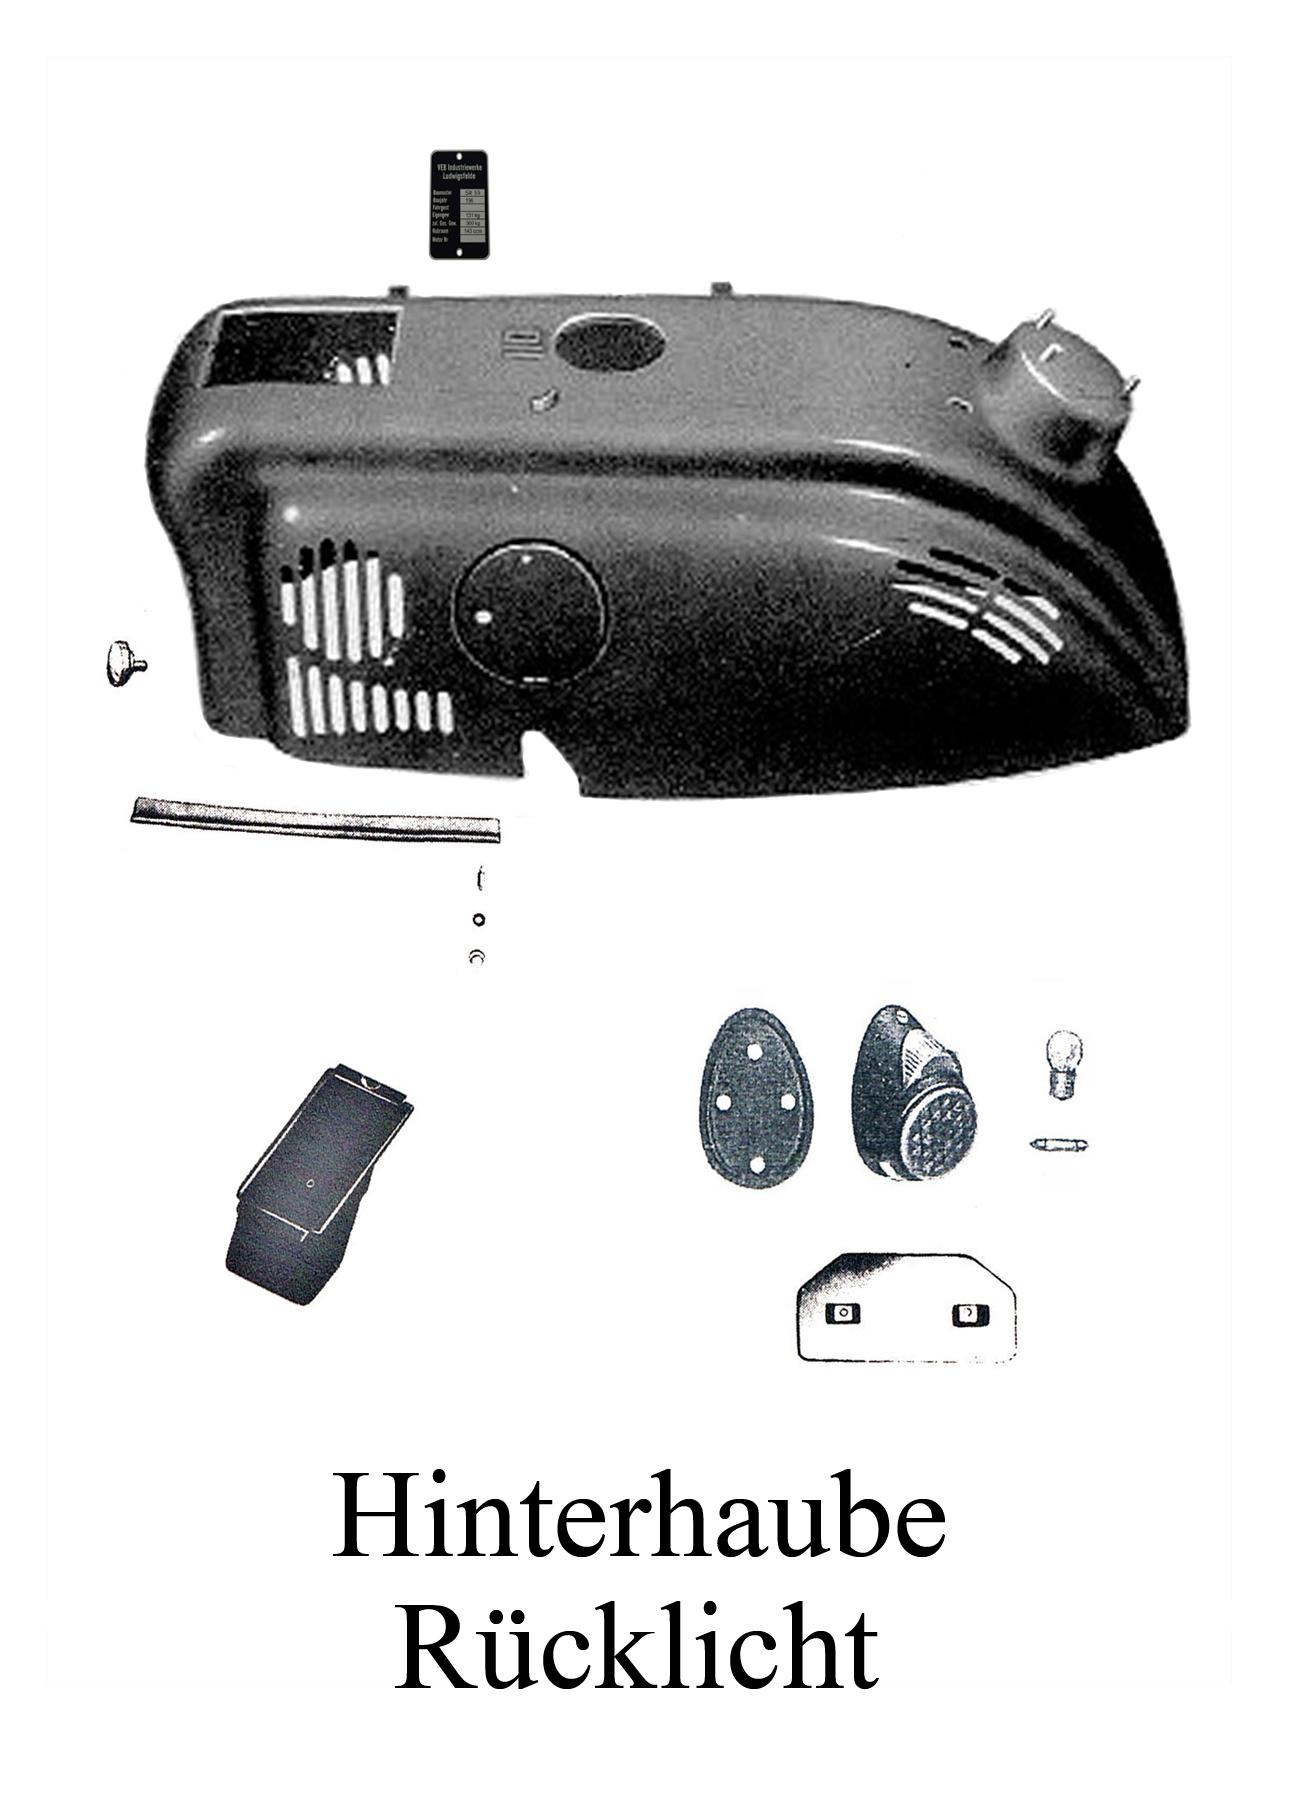 DDR-Motorrad IWL Berliner Roller SR 59 Ersatzteileliste Hinterhaube Rücklicht Kedergummi